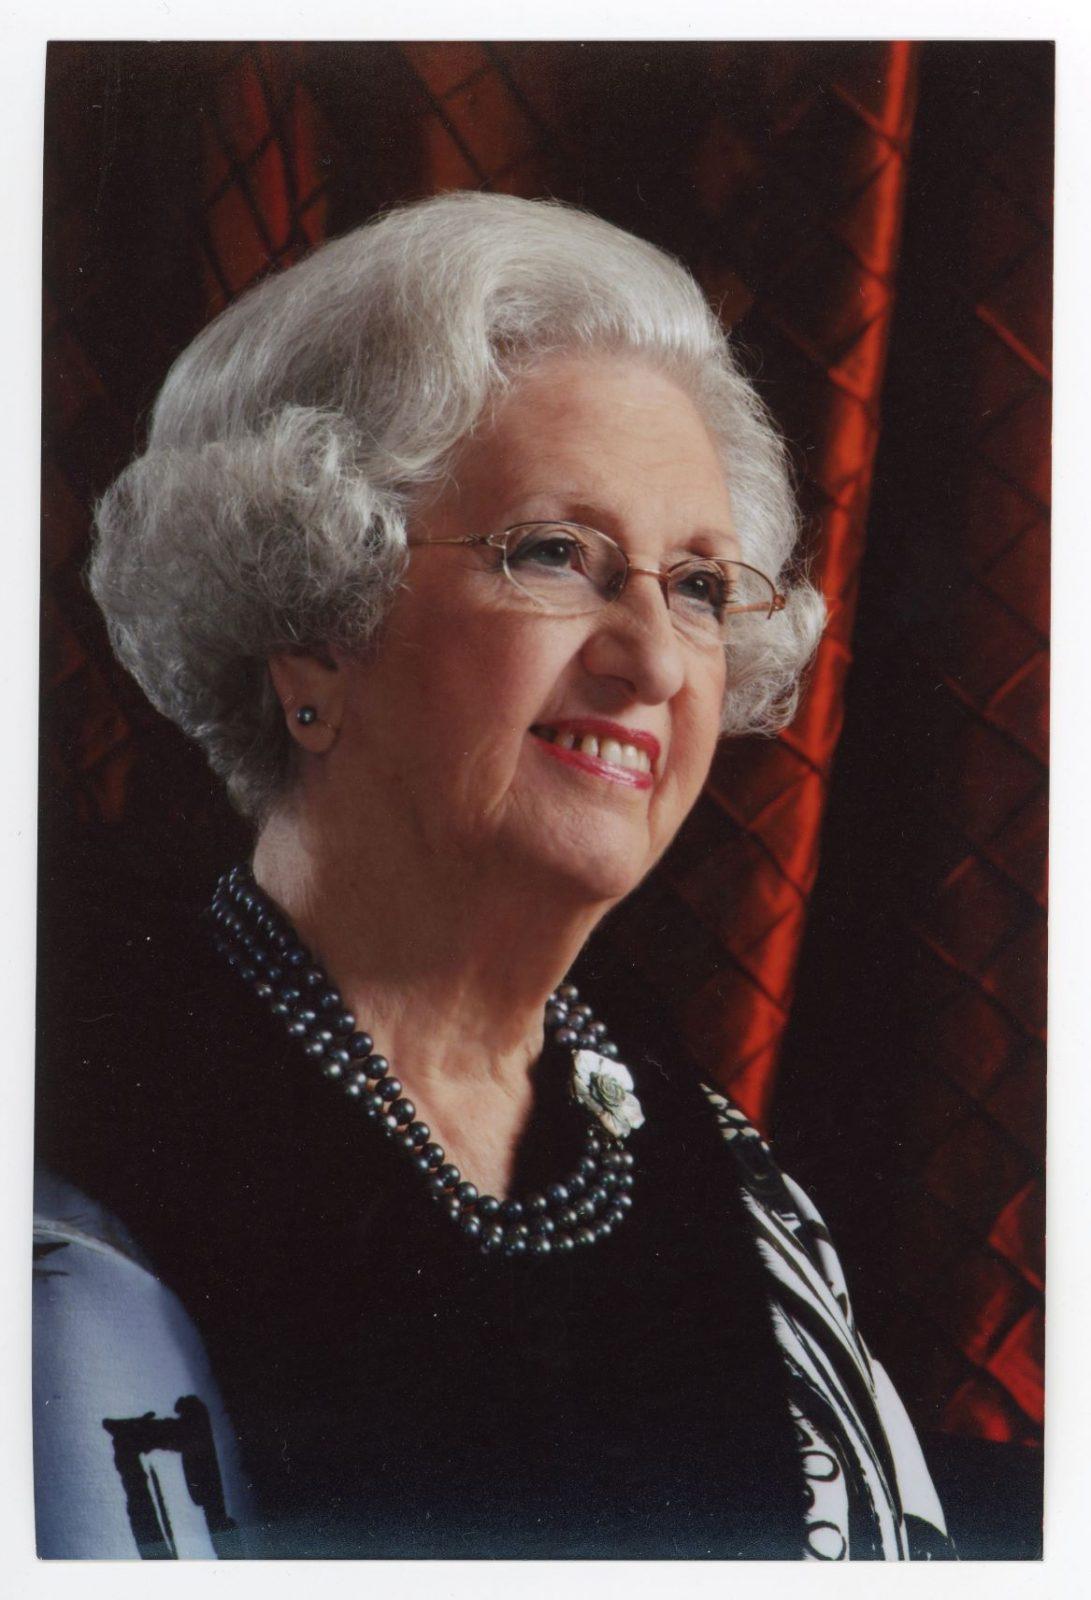 Une fondation en hommage à Germaine Morin Proulx